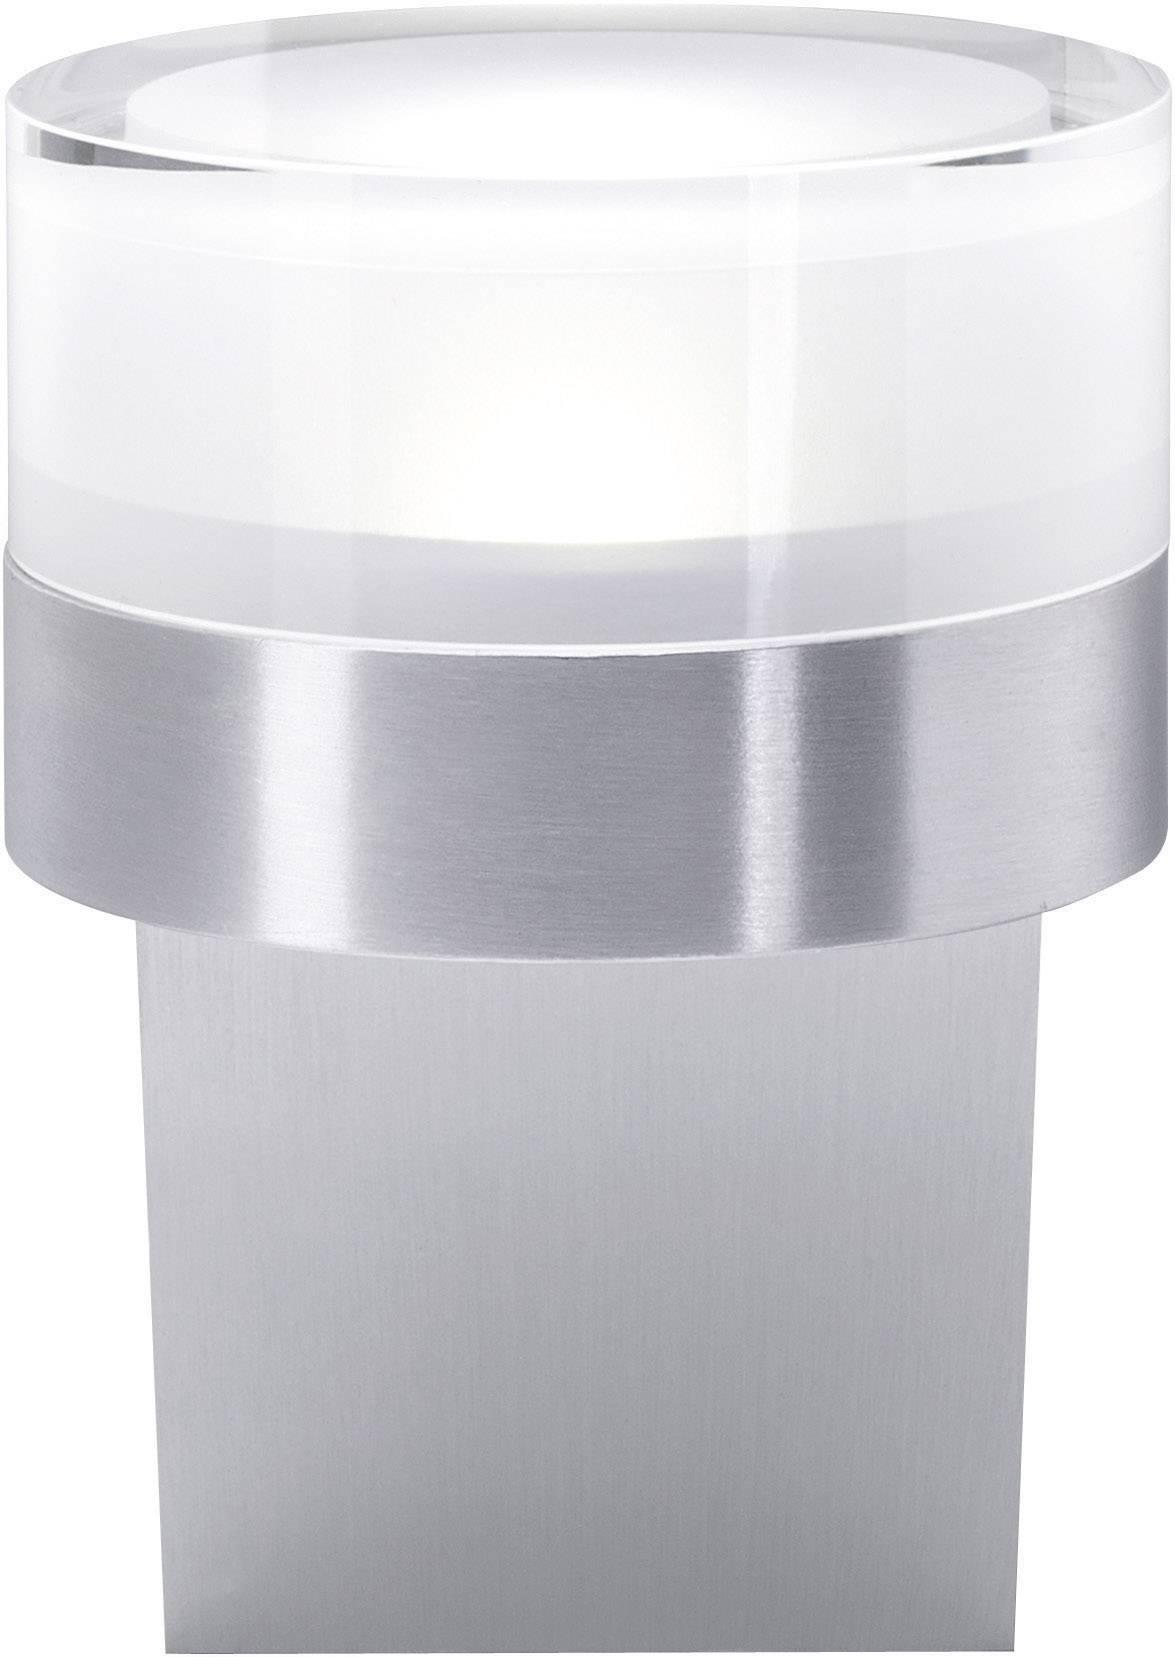 LED nástenné svetlo Bolzano 579209, 1 W, chladná biela, striebornosivá